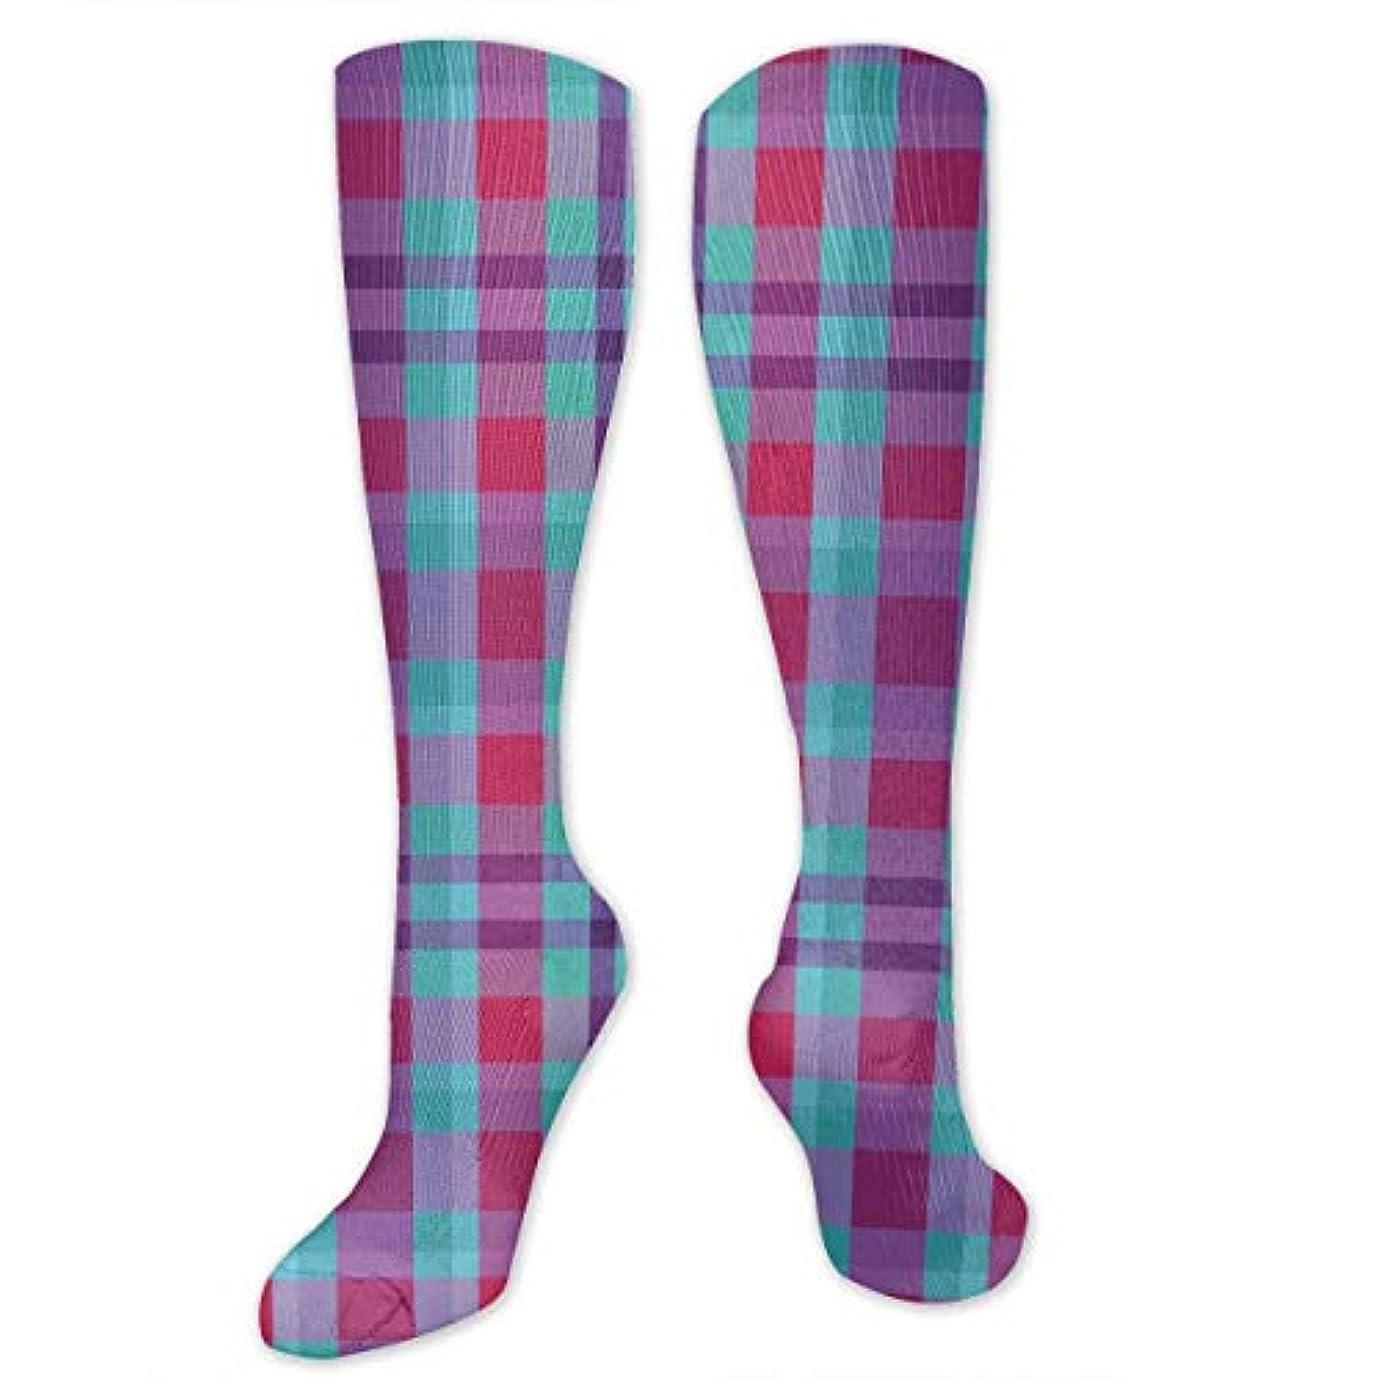 スクラップ戸口ベスト靴下,ストッキング,野生のジョーカー,実際,秋の本質,冬必須,サマーウェア&RBXAA Winter Plaid, Blue, Magenta, Purple Socks Women's Winter Cotton Long...